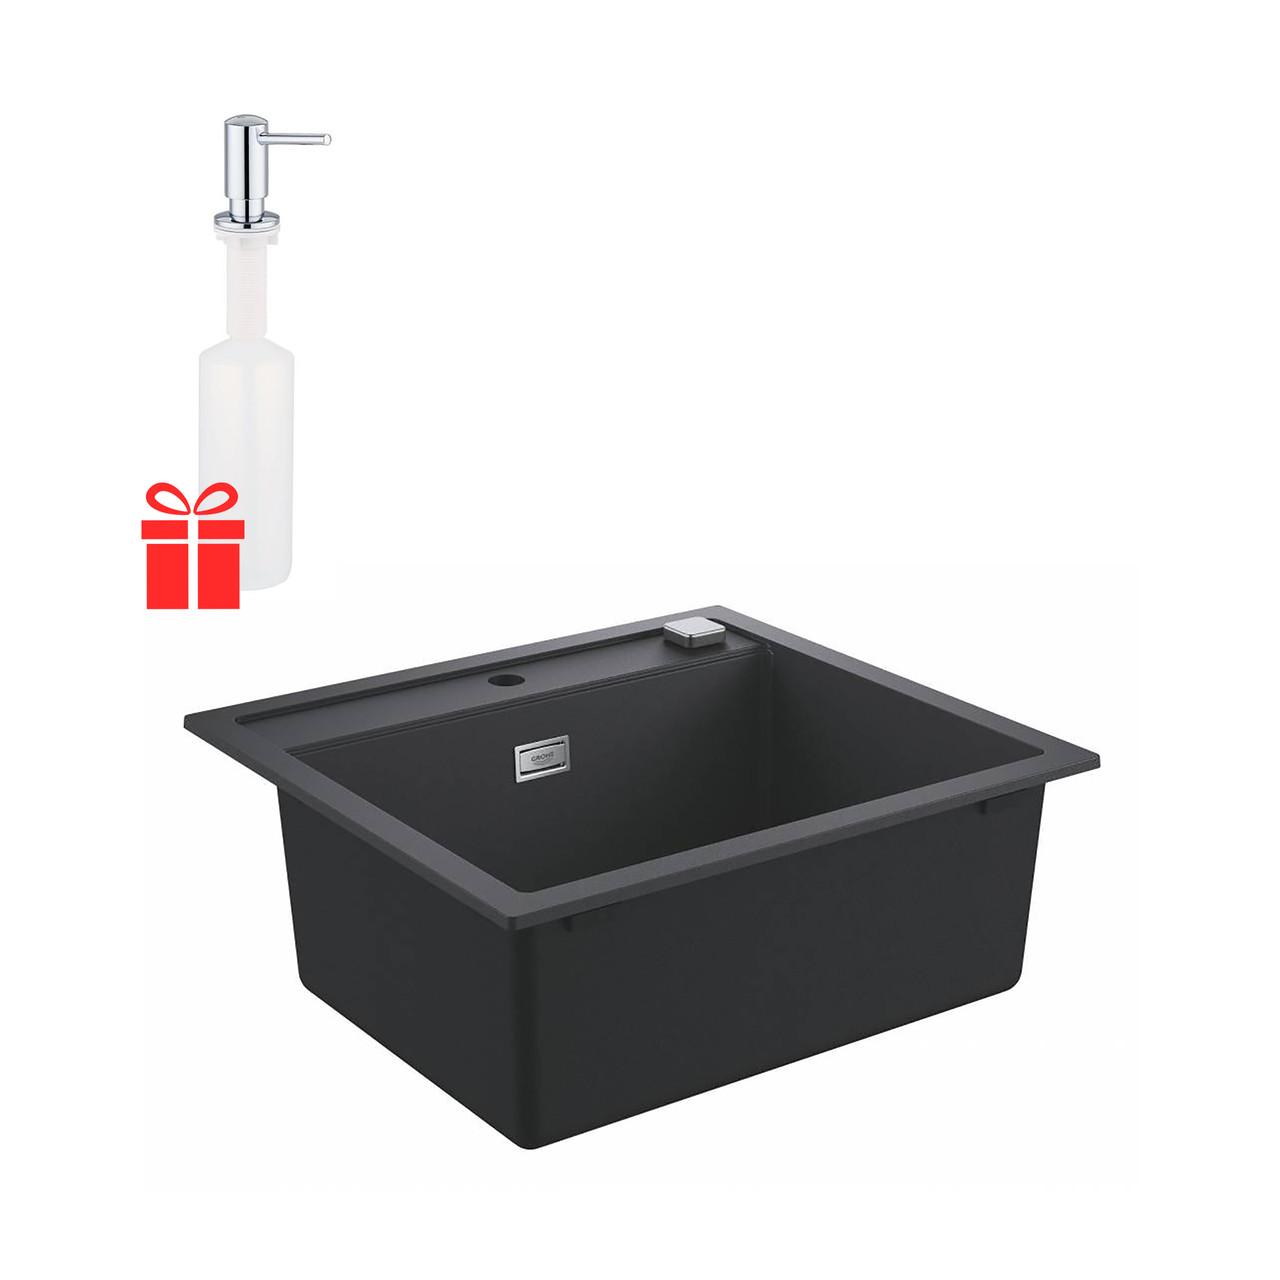 Набір Grohe мийка кухонна K700 31651AP0 + дозатор для миючого засобу Contemporary 40536000